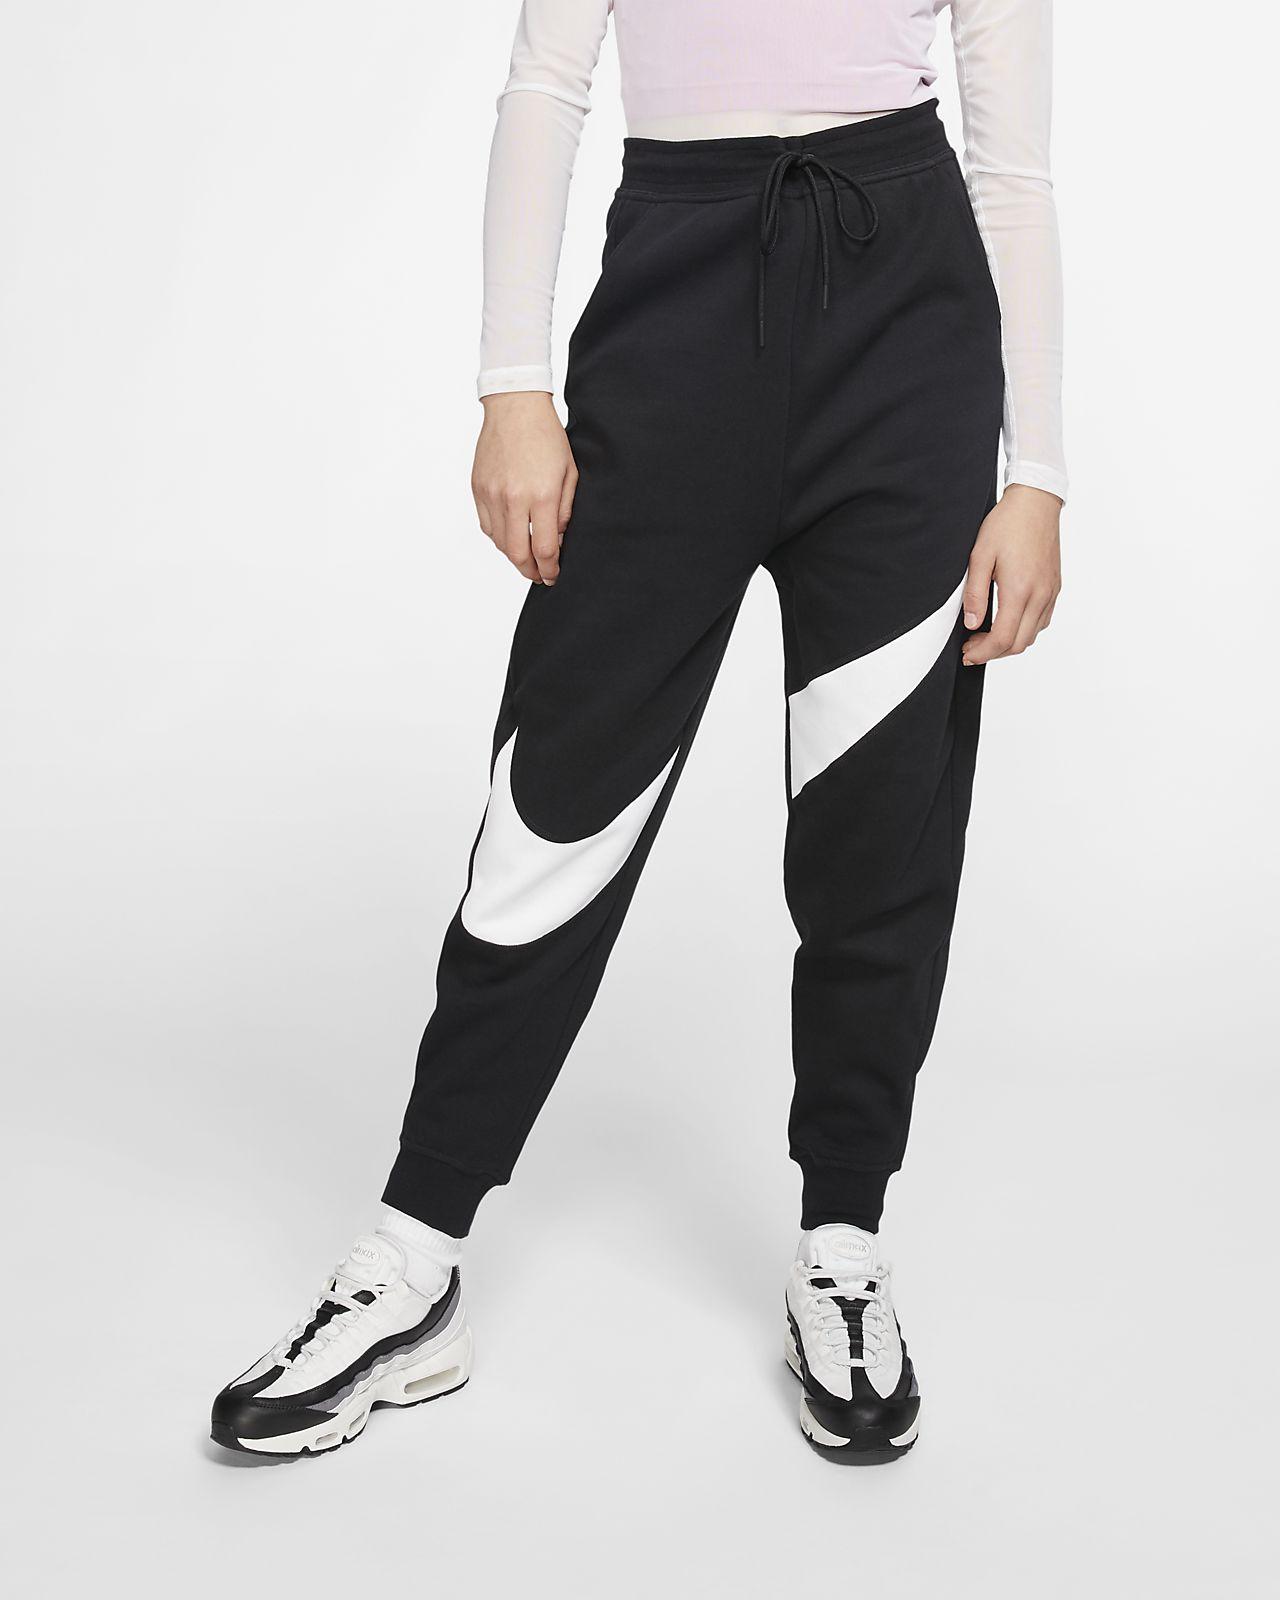 Pantalones de tejido Fleece para mujer Nike Sportswear Swoosh